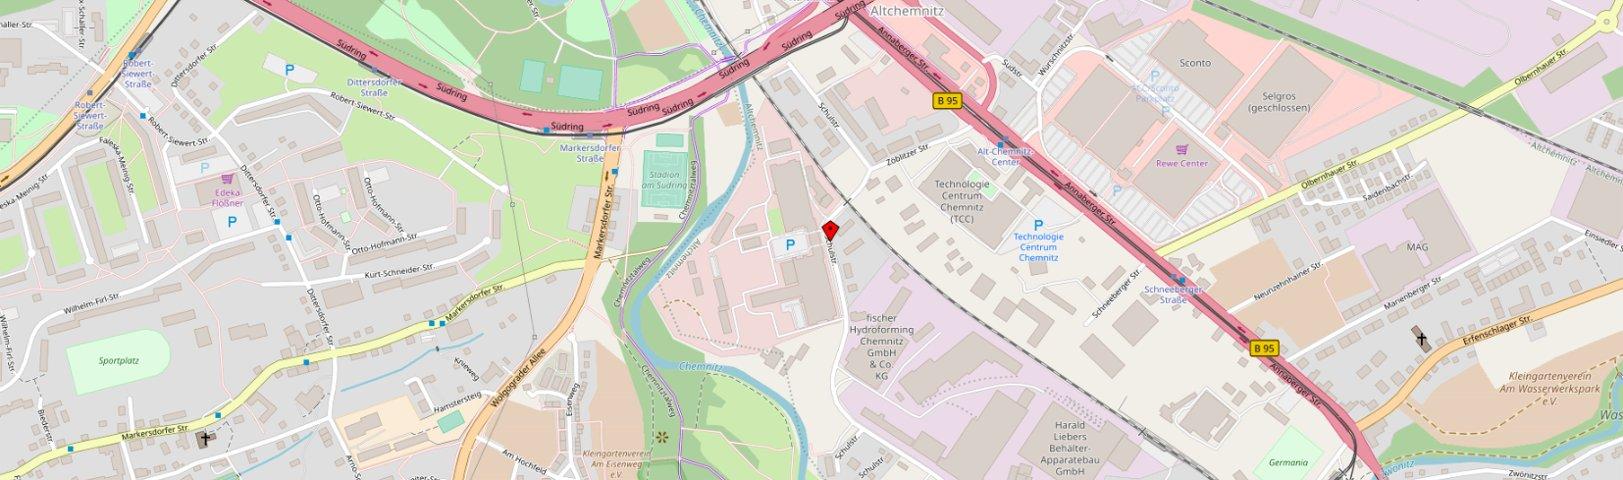 Zweigstelle der Techno Metall Michalk GmbH in Chemnitz